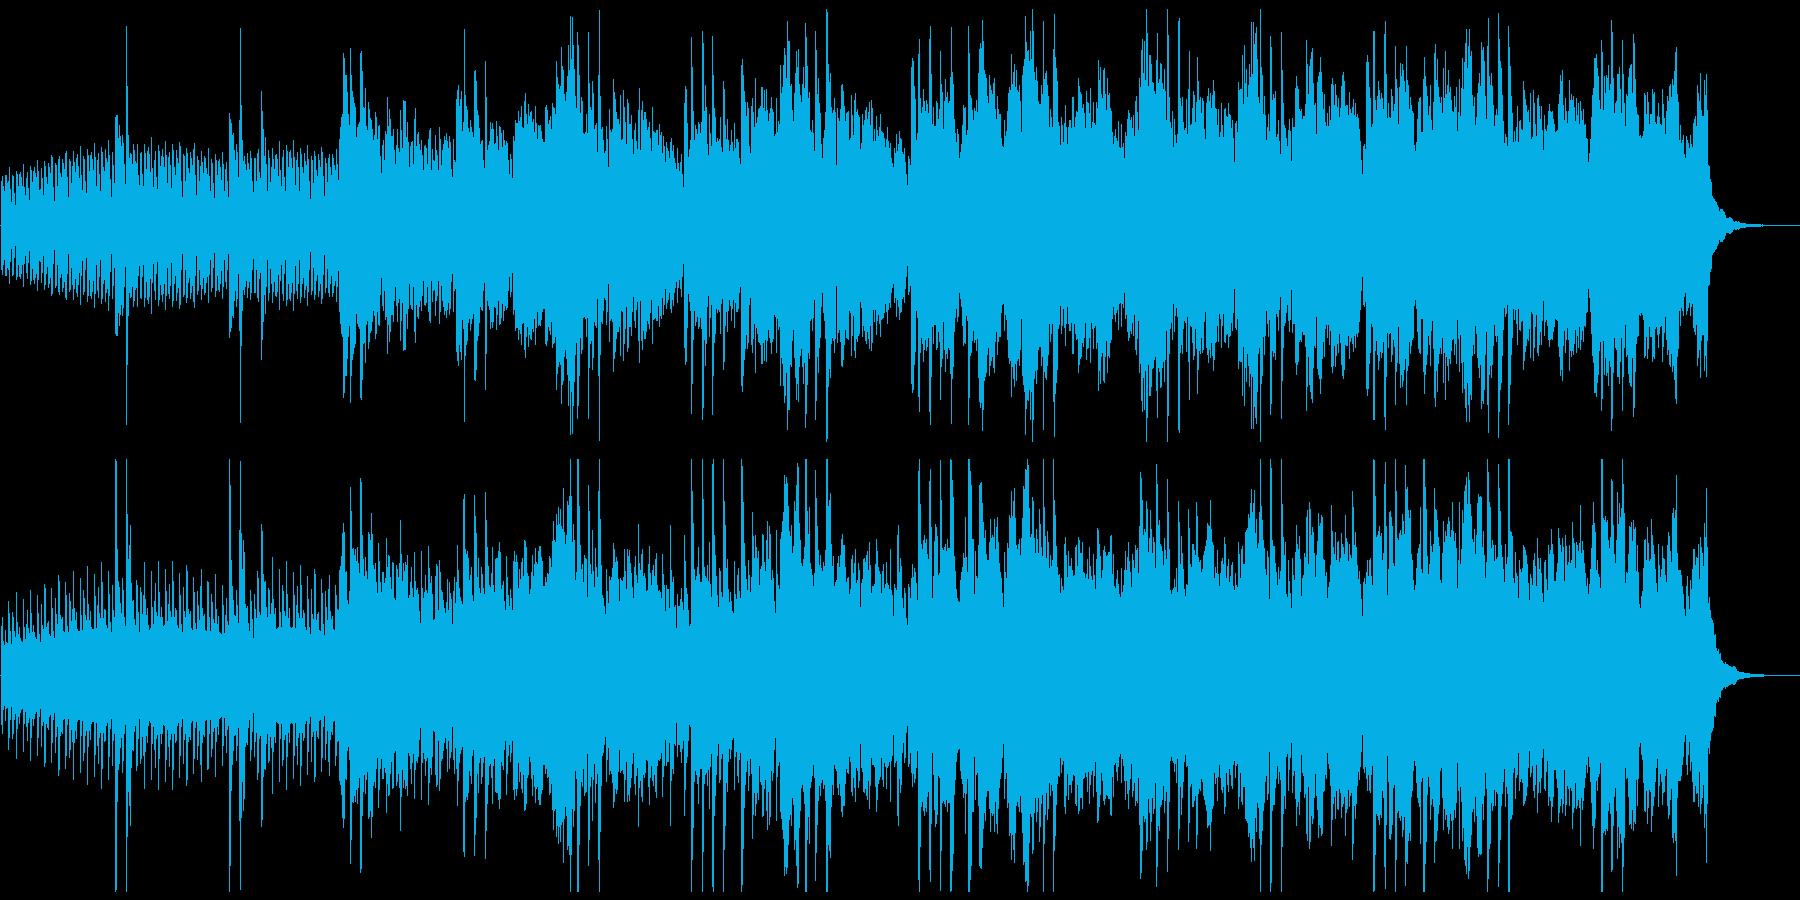 ピアノ主体のアンビエントな曲/宇宙/解説の再生済みの波形